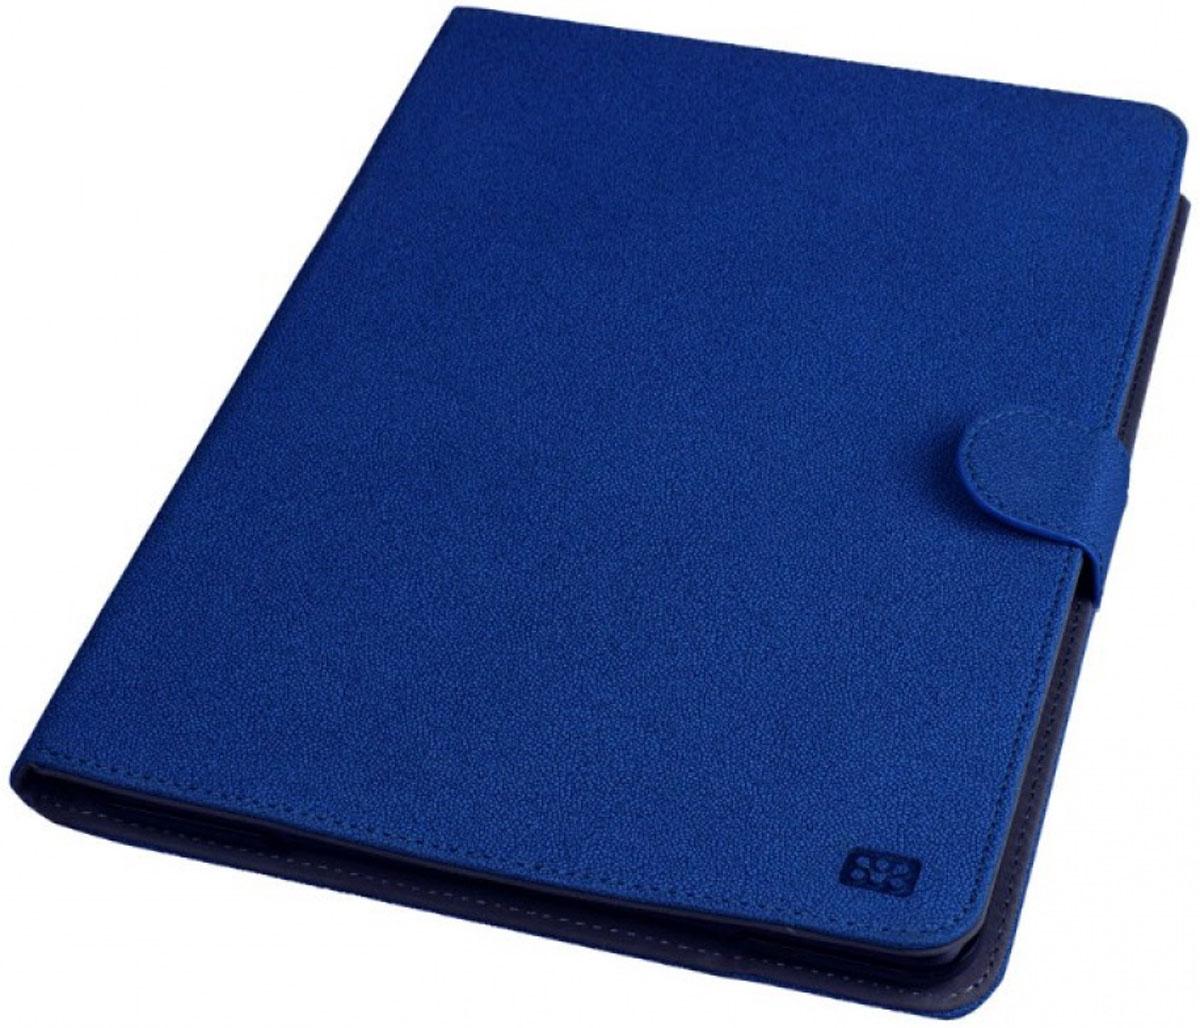 Promate Dash-Air �����-����������� ��� iPad Air, Dark Blue